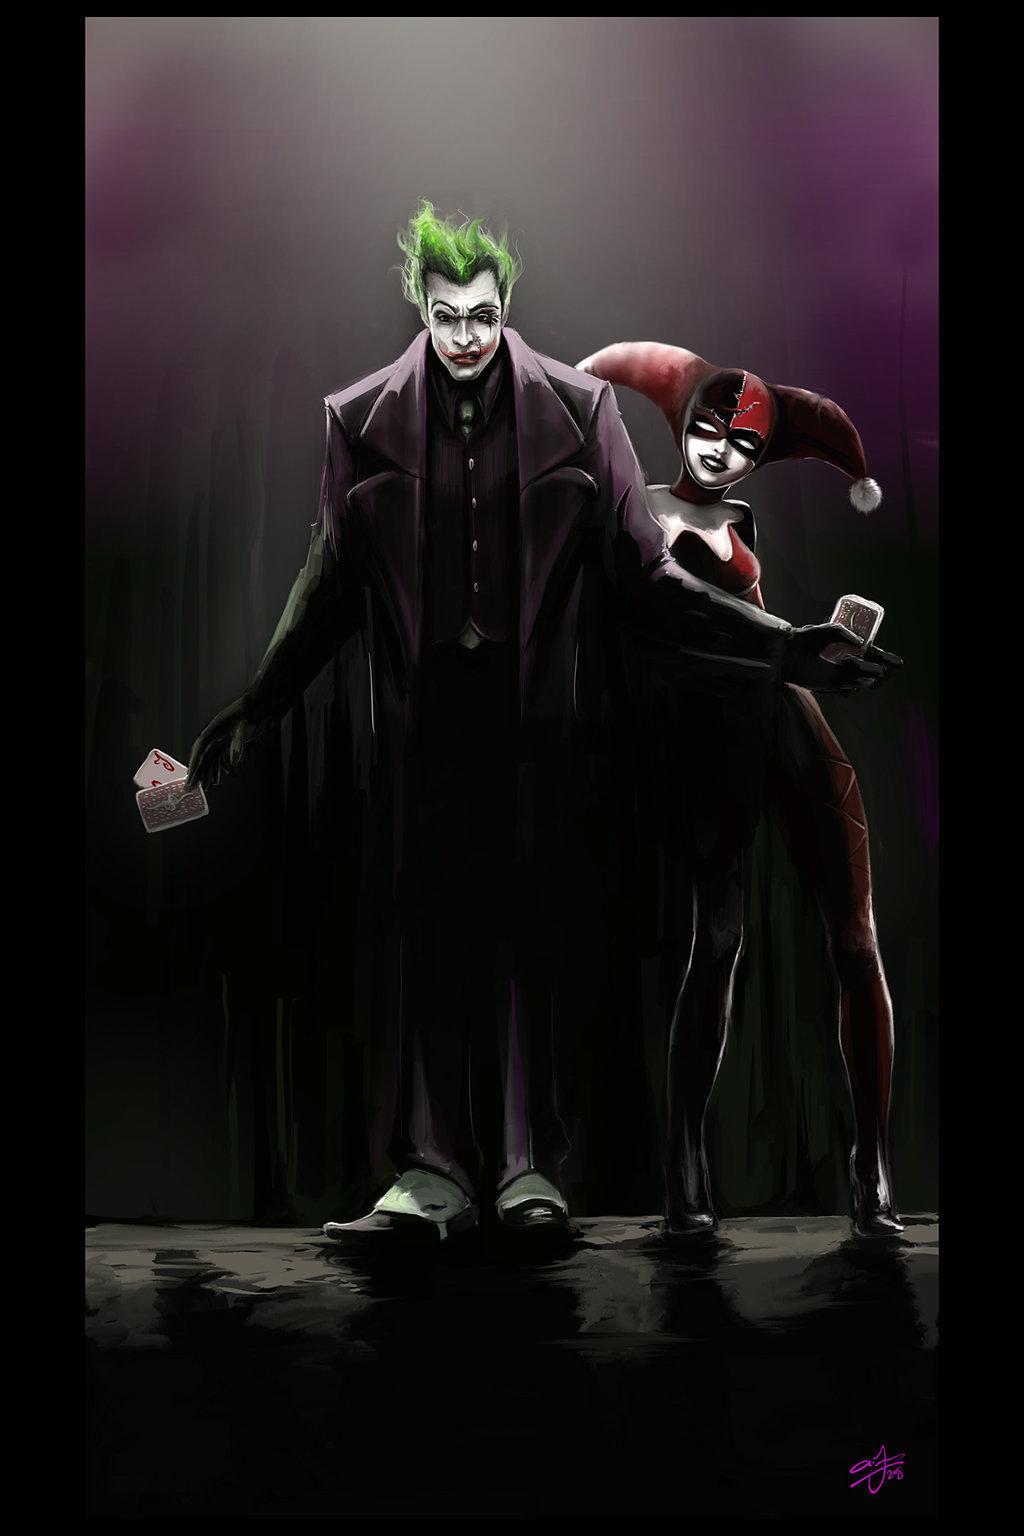 Joker And Harley Quinn Wedding Cake